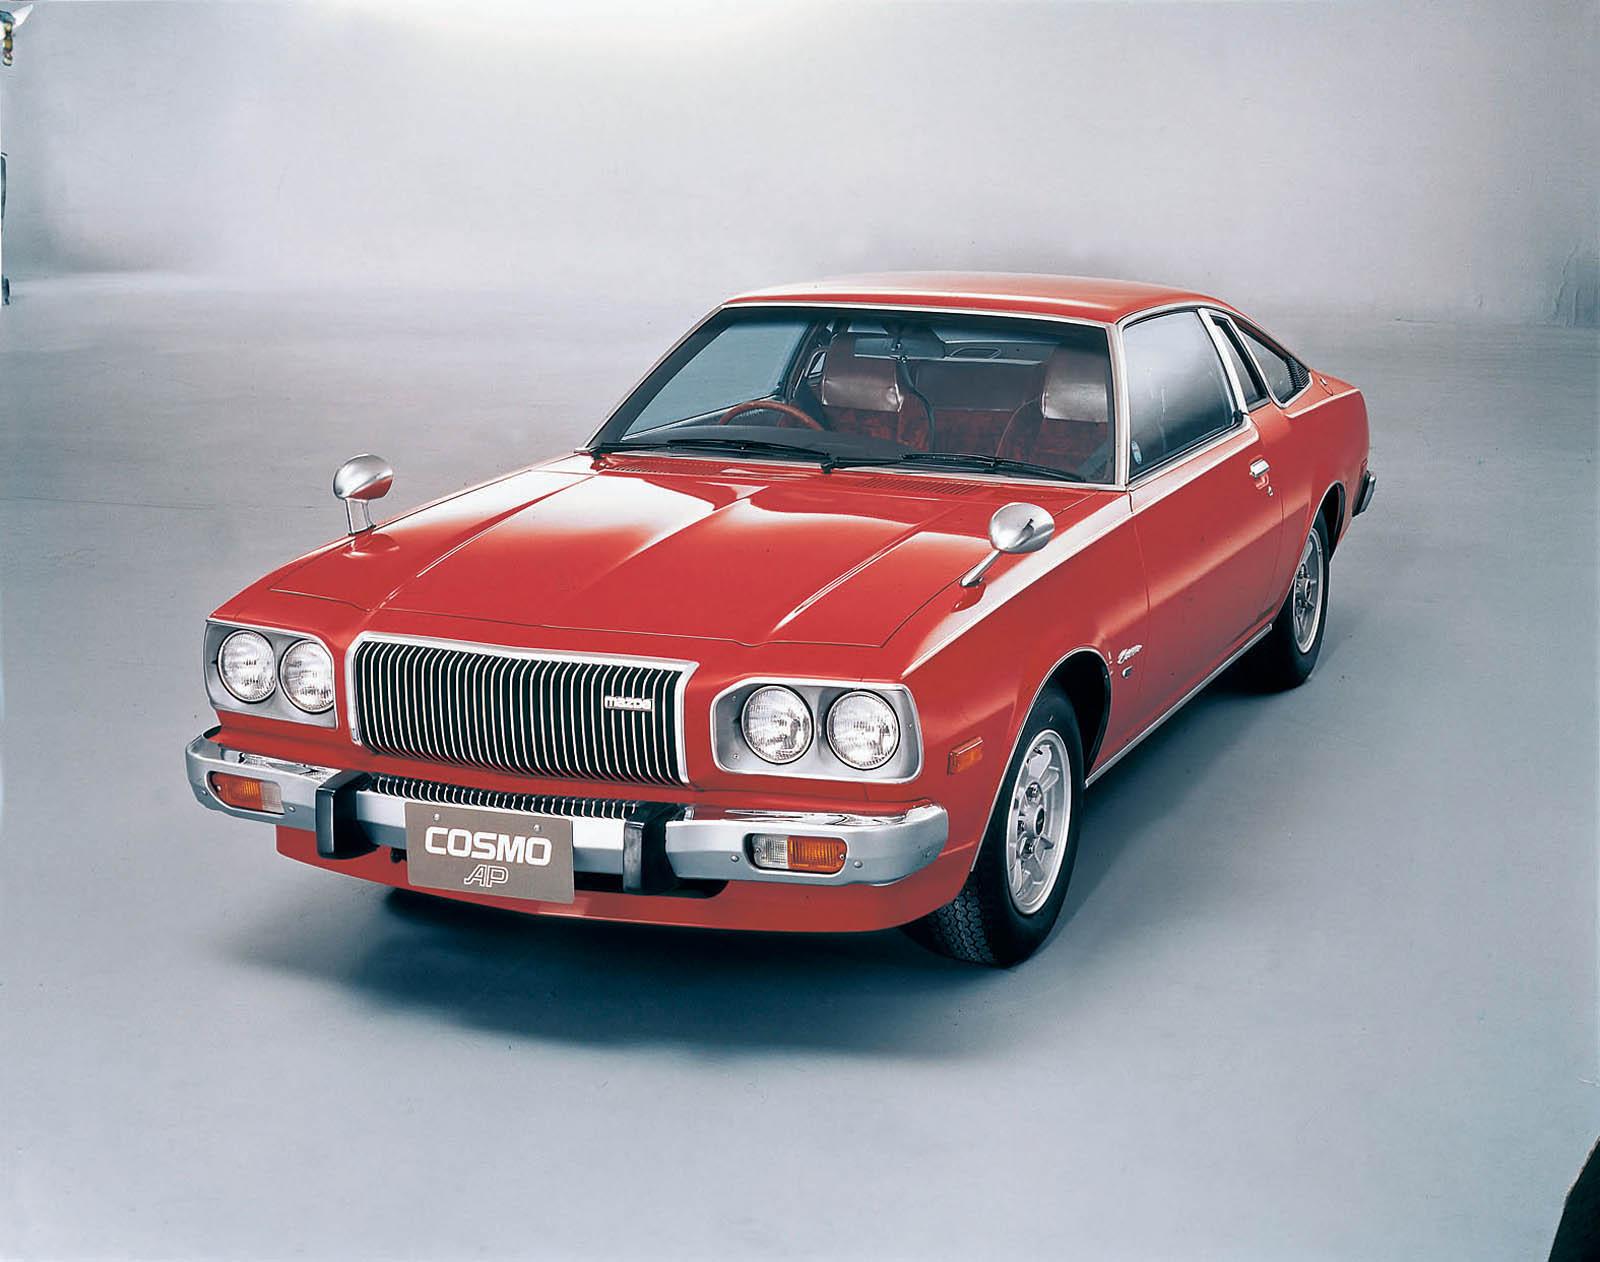 Mazda-50-years-of-rotary-p30_01